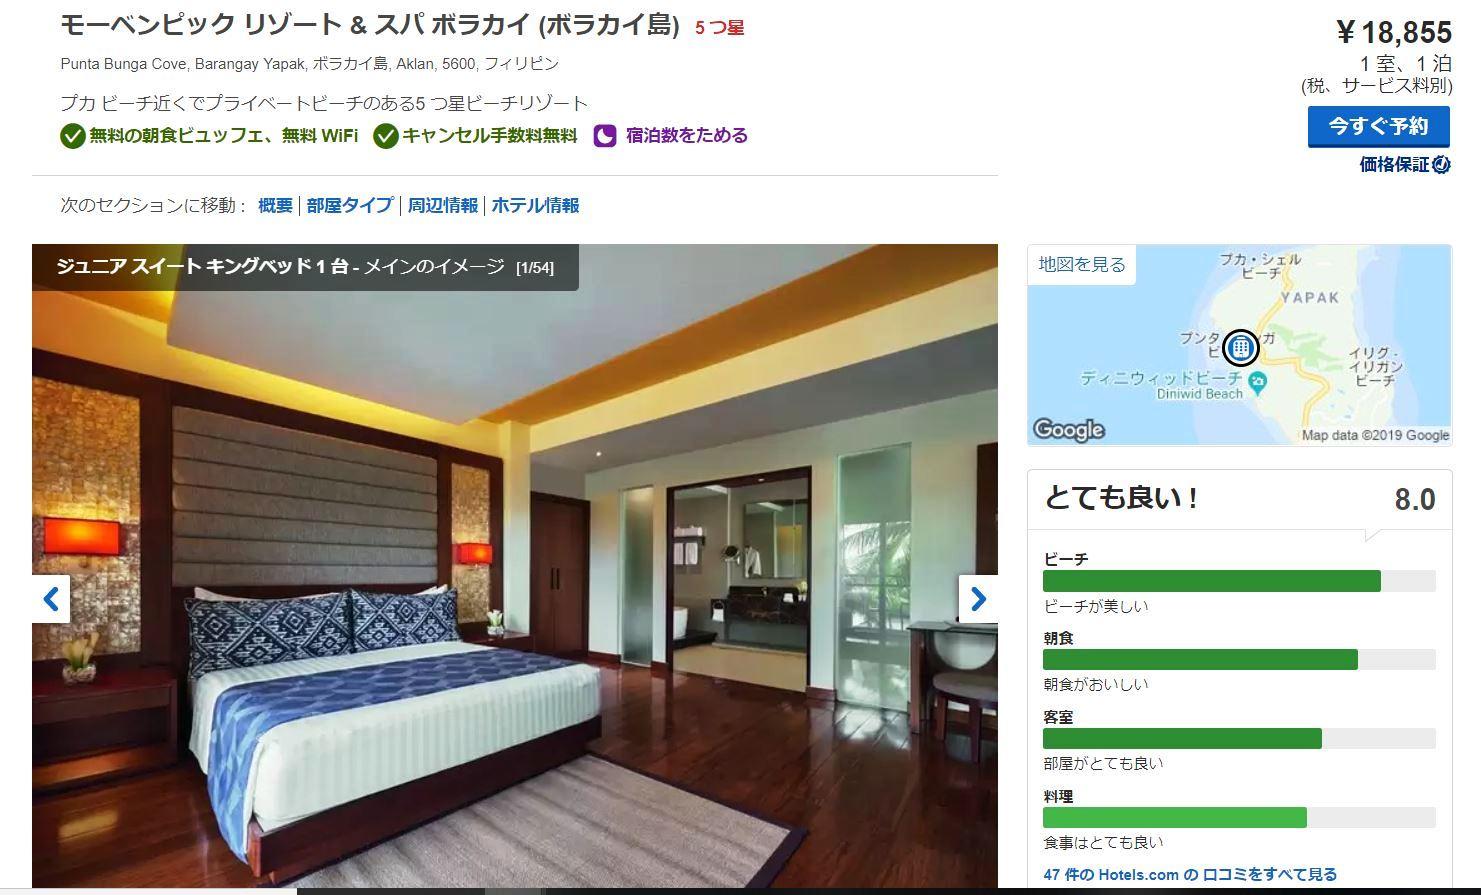 Hotels.comより引用